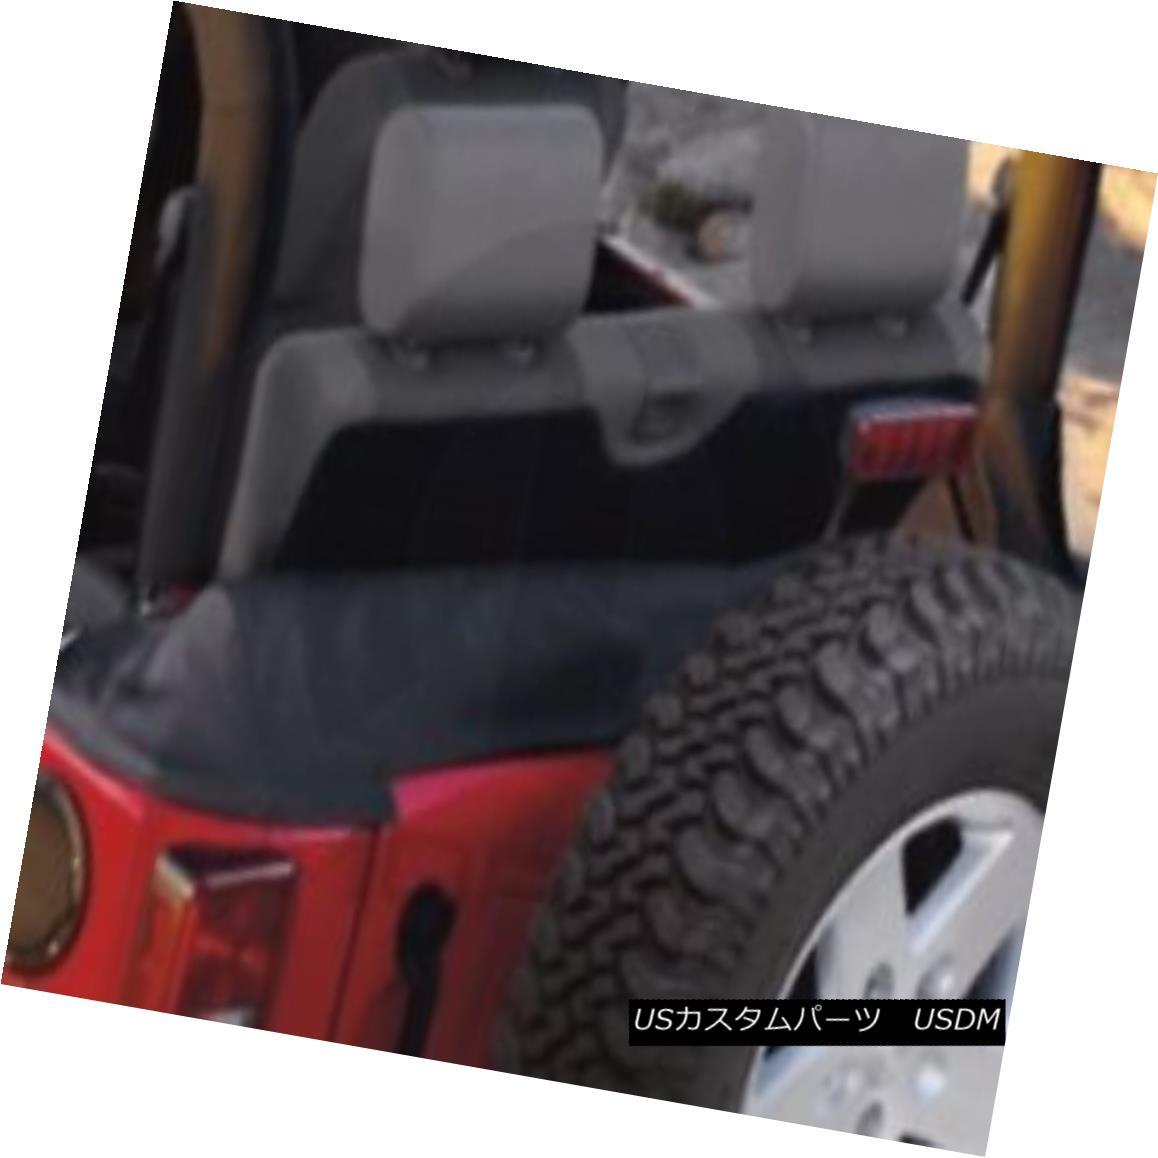 幌・ソフトトップ 07-10 Jeep Wrangler Soft Top Boot Black Mopar Factory Oem New 82209912 07-10ジープラングラーソフトトップブーツブラックMoparファクトリーOem New 82209912